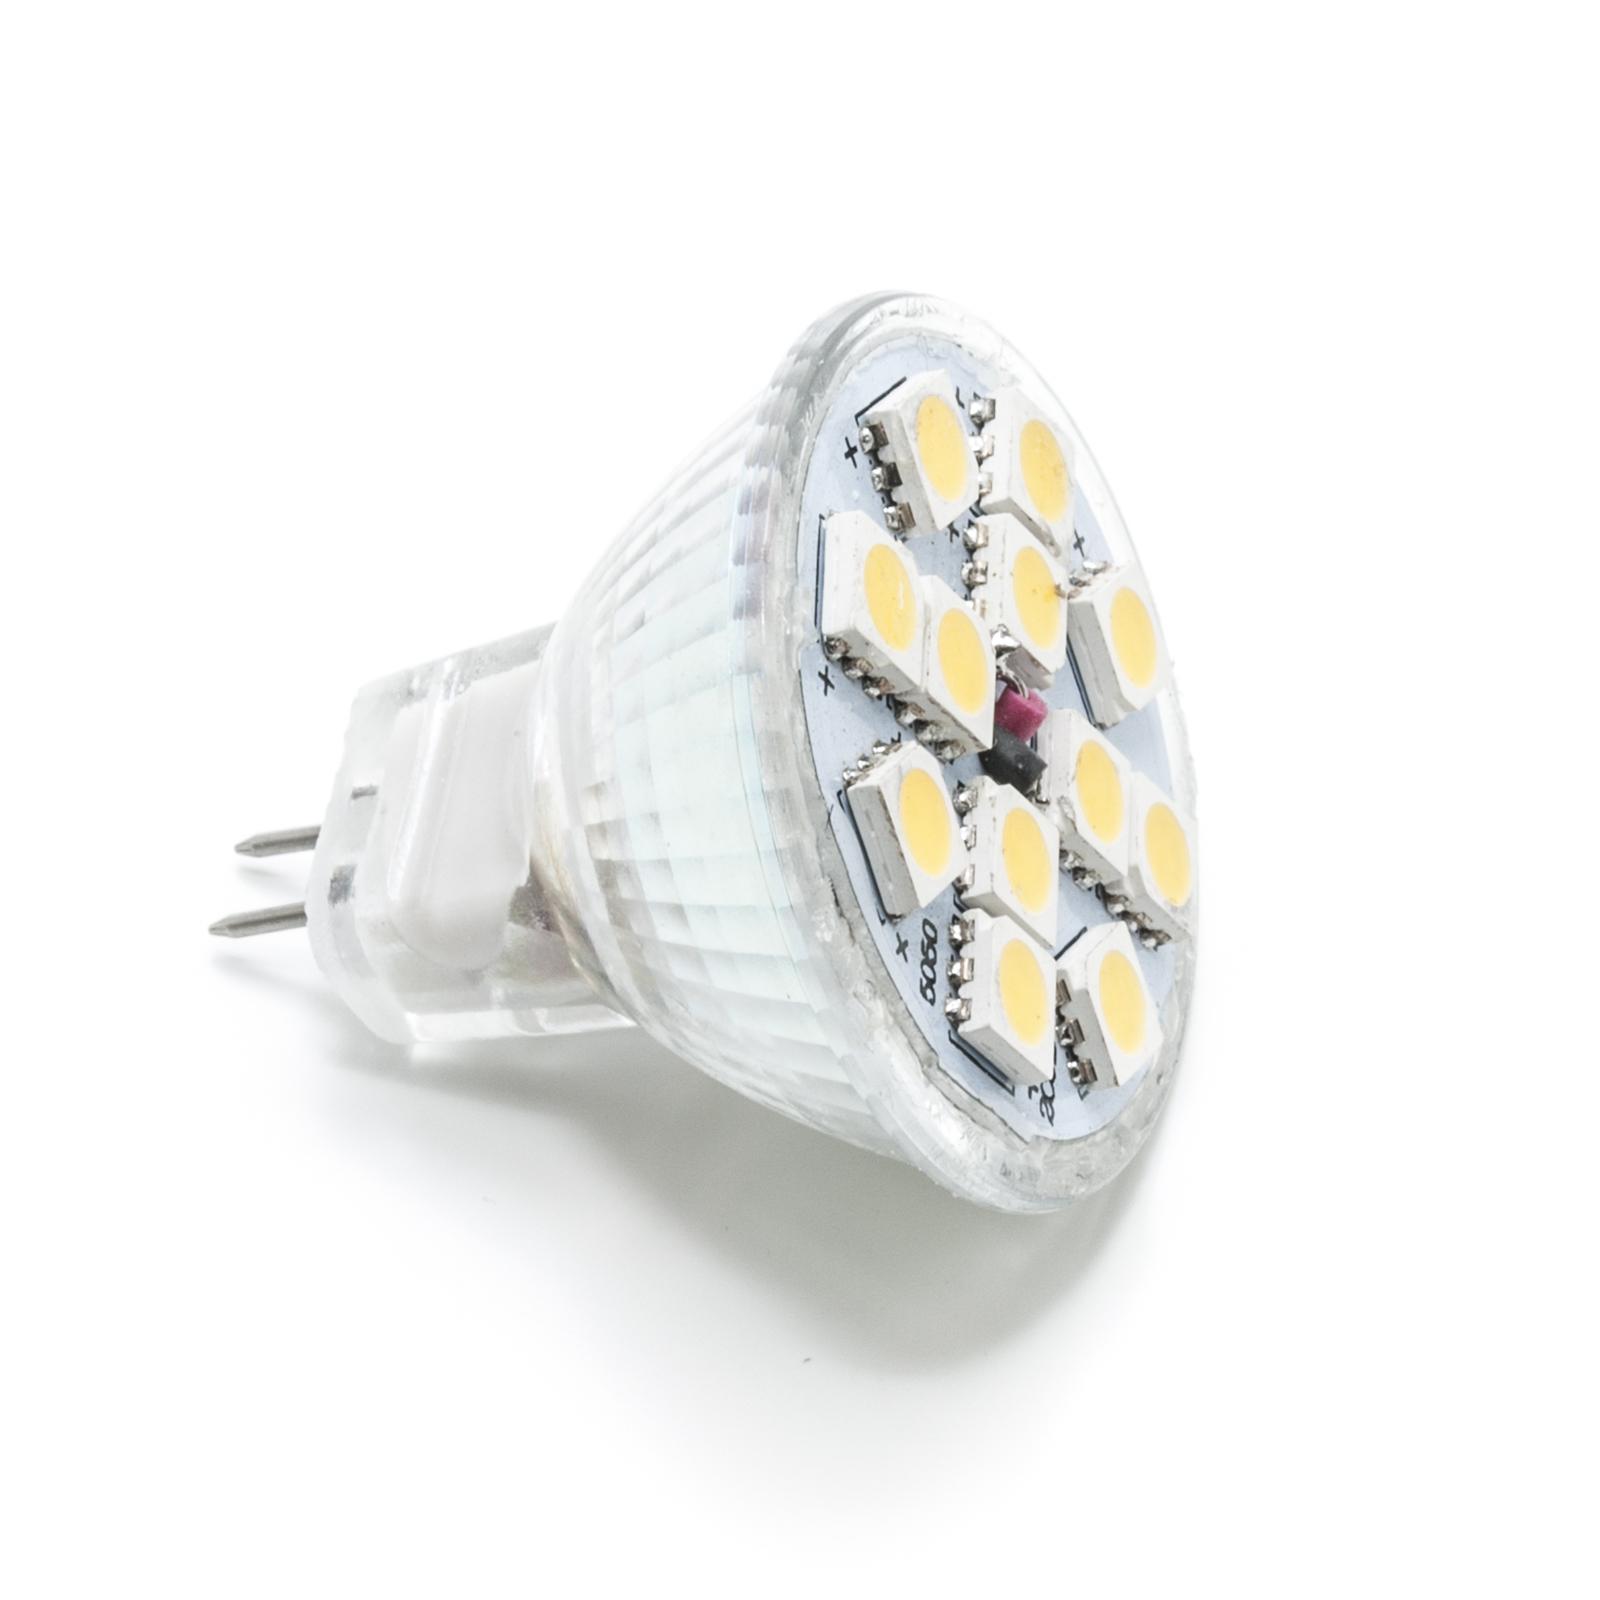 Lampadine Led Attacco G4.Lampada Led Mr11 Risparmio Energetico Prova Sito